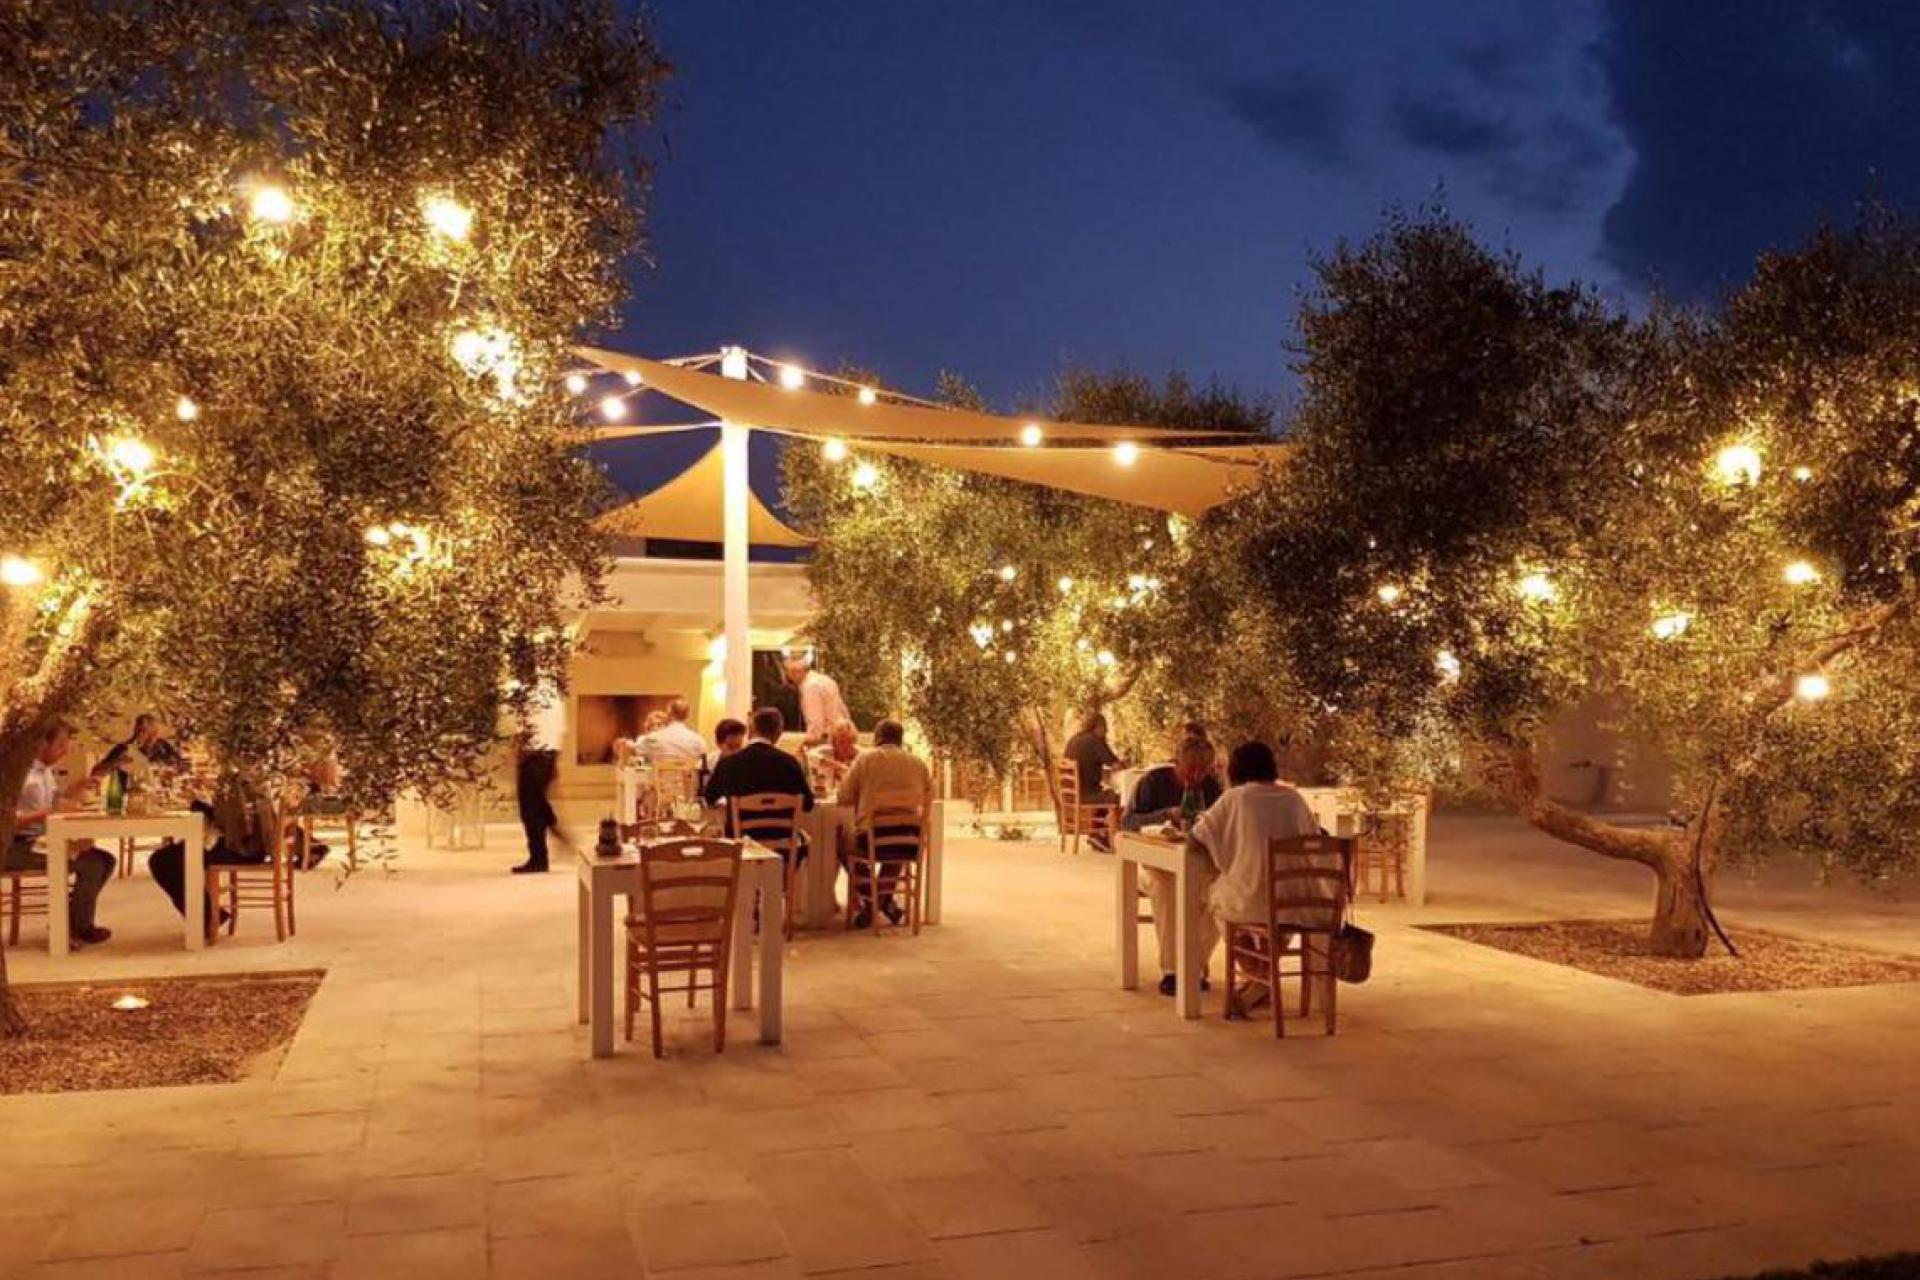 Agriturismo Apulien Agriturismo in Apulien, Luxus und Gastfreundschaft